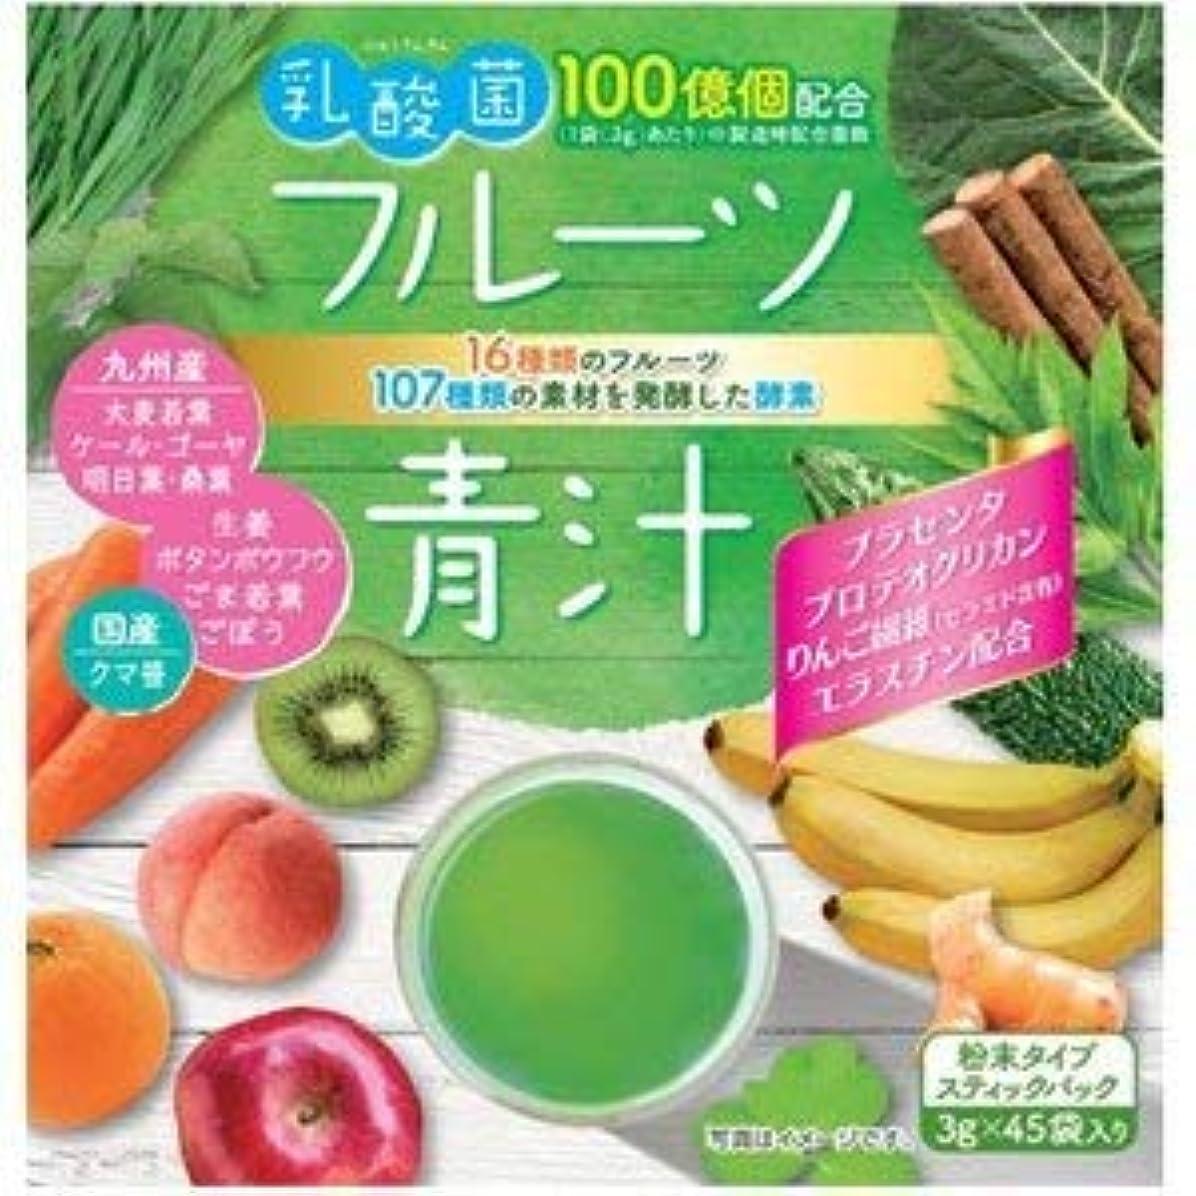 促進する送料ソケット新日配薬品 乳酸菌入りフルーツ青汁 3g×45包×2個